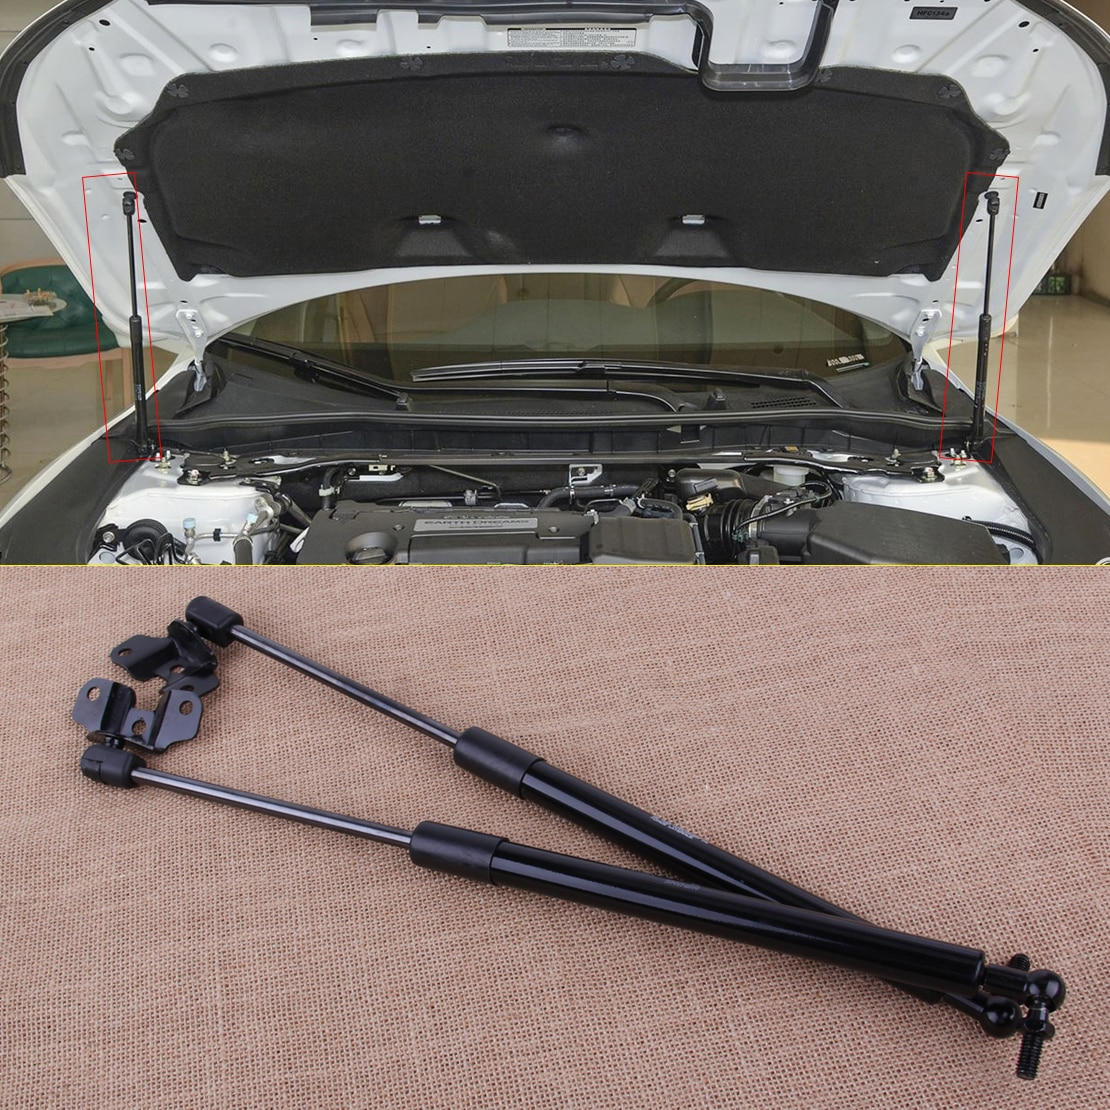 DWCX 2ocs capó delantero Lift soporte puntal choques amortiguador ajuste para Honda Accord 2003 2004 2005 2006 2007